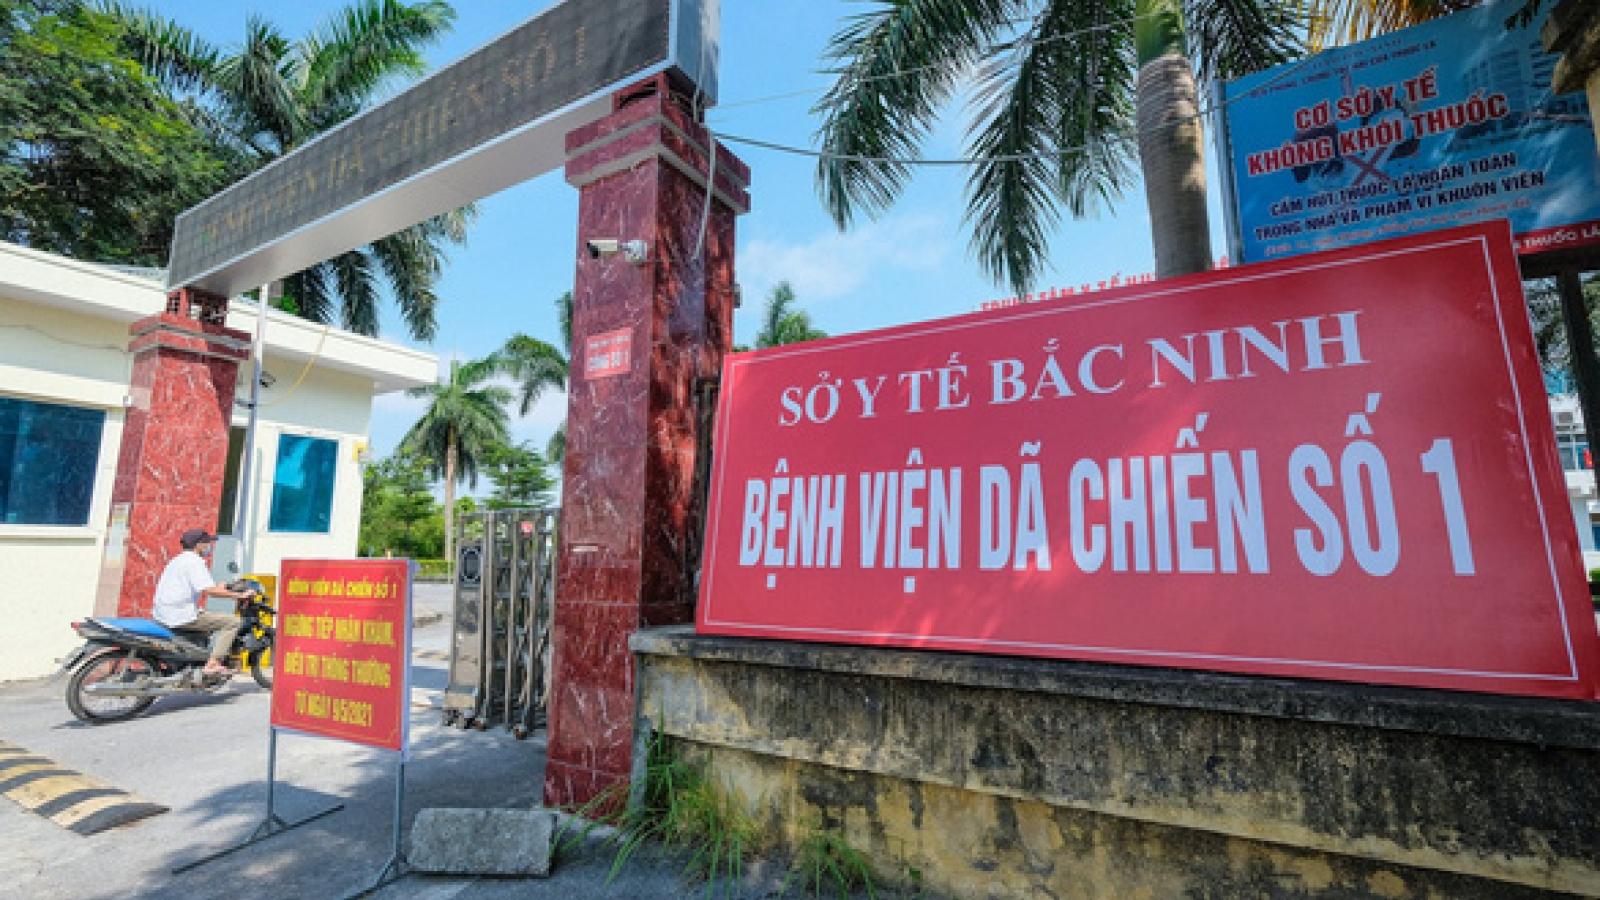 Bắc Ninh dừng hoạt động Bệnh viện Dã chiến số 2 tại huyện Gia Bình